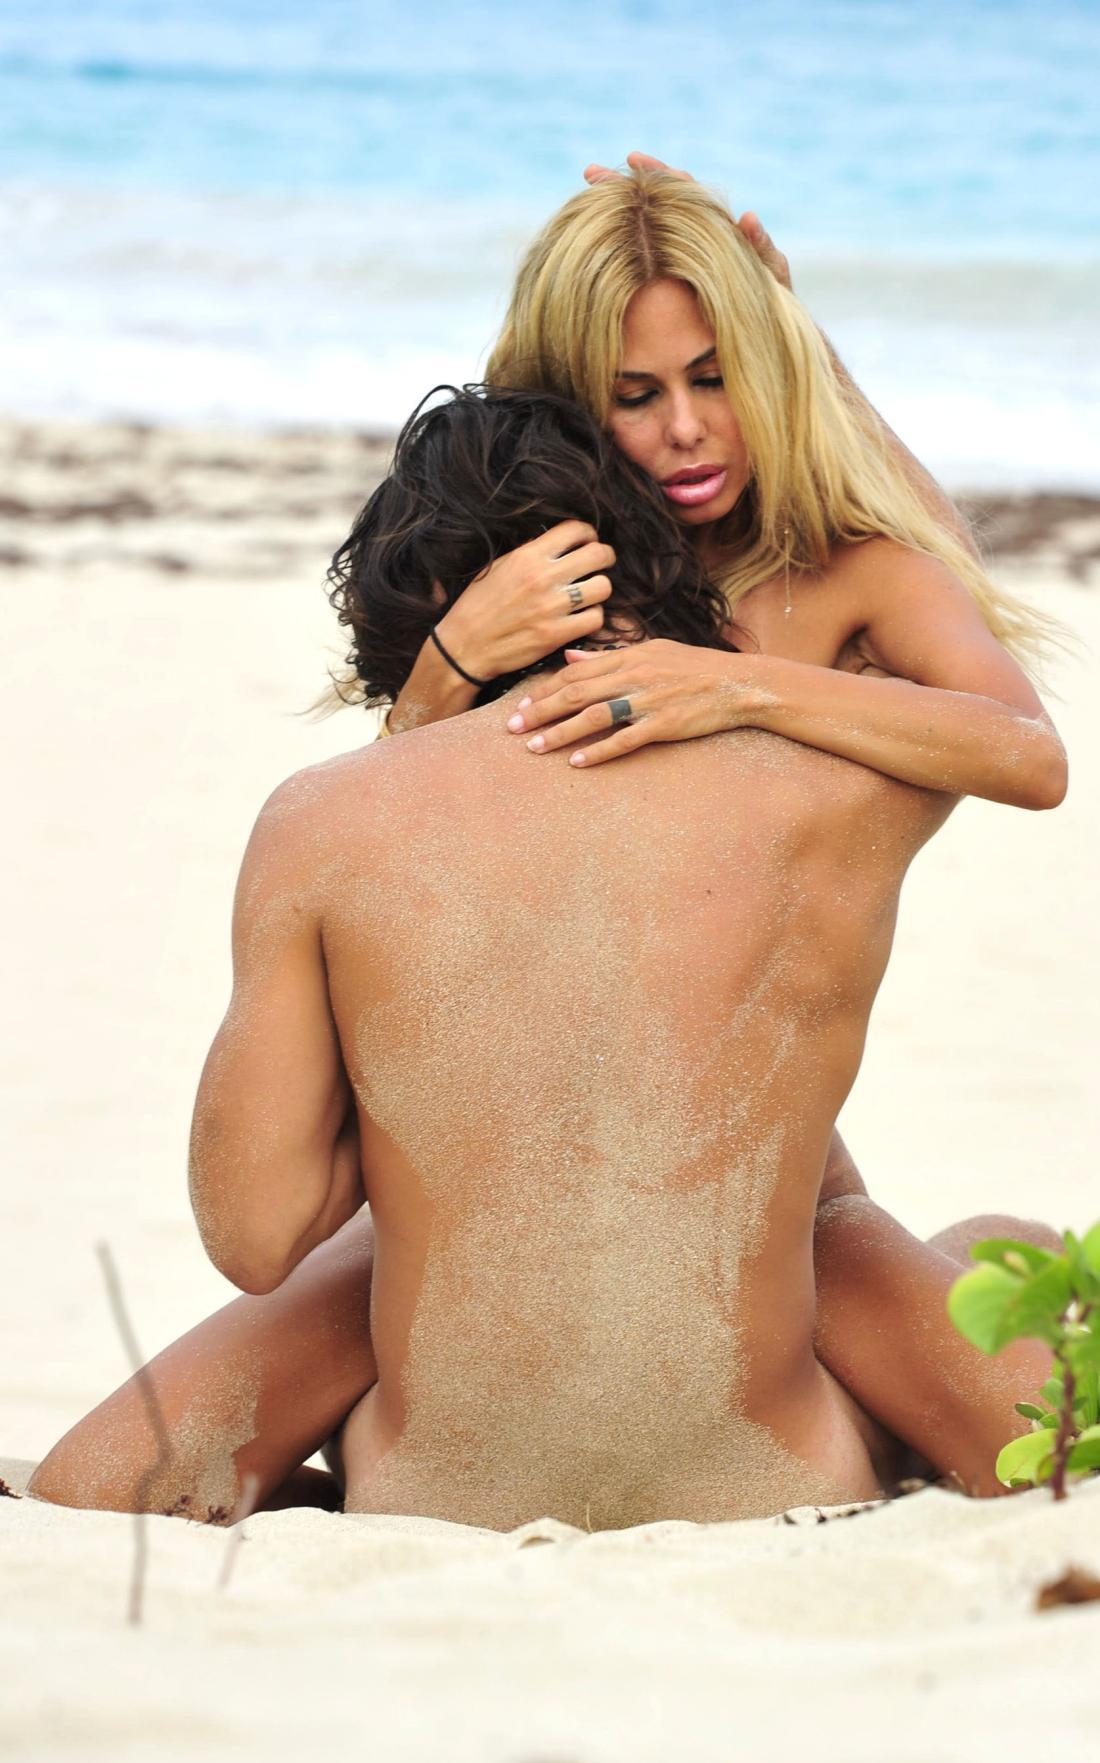 Rachael taylor sex scene